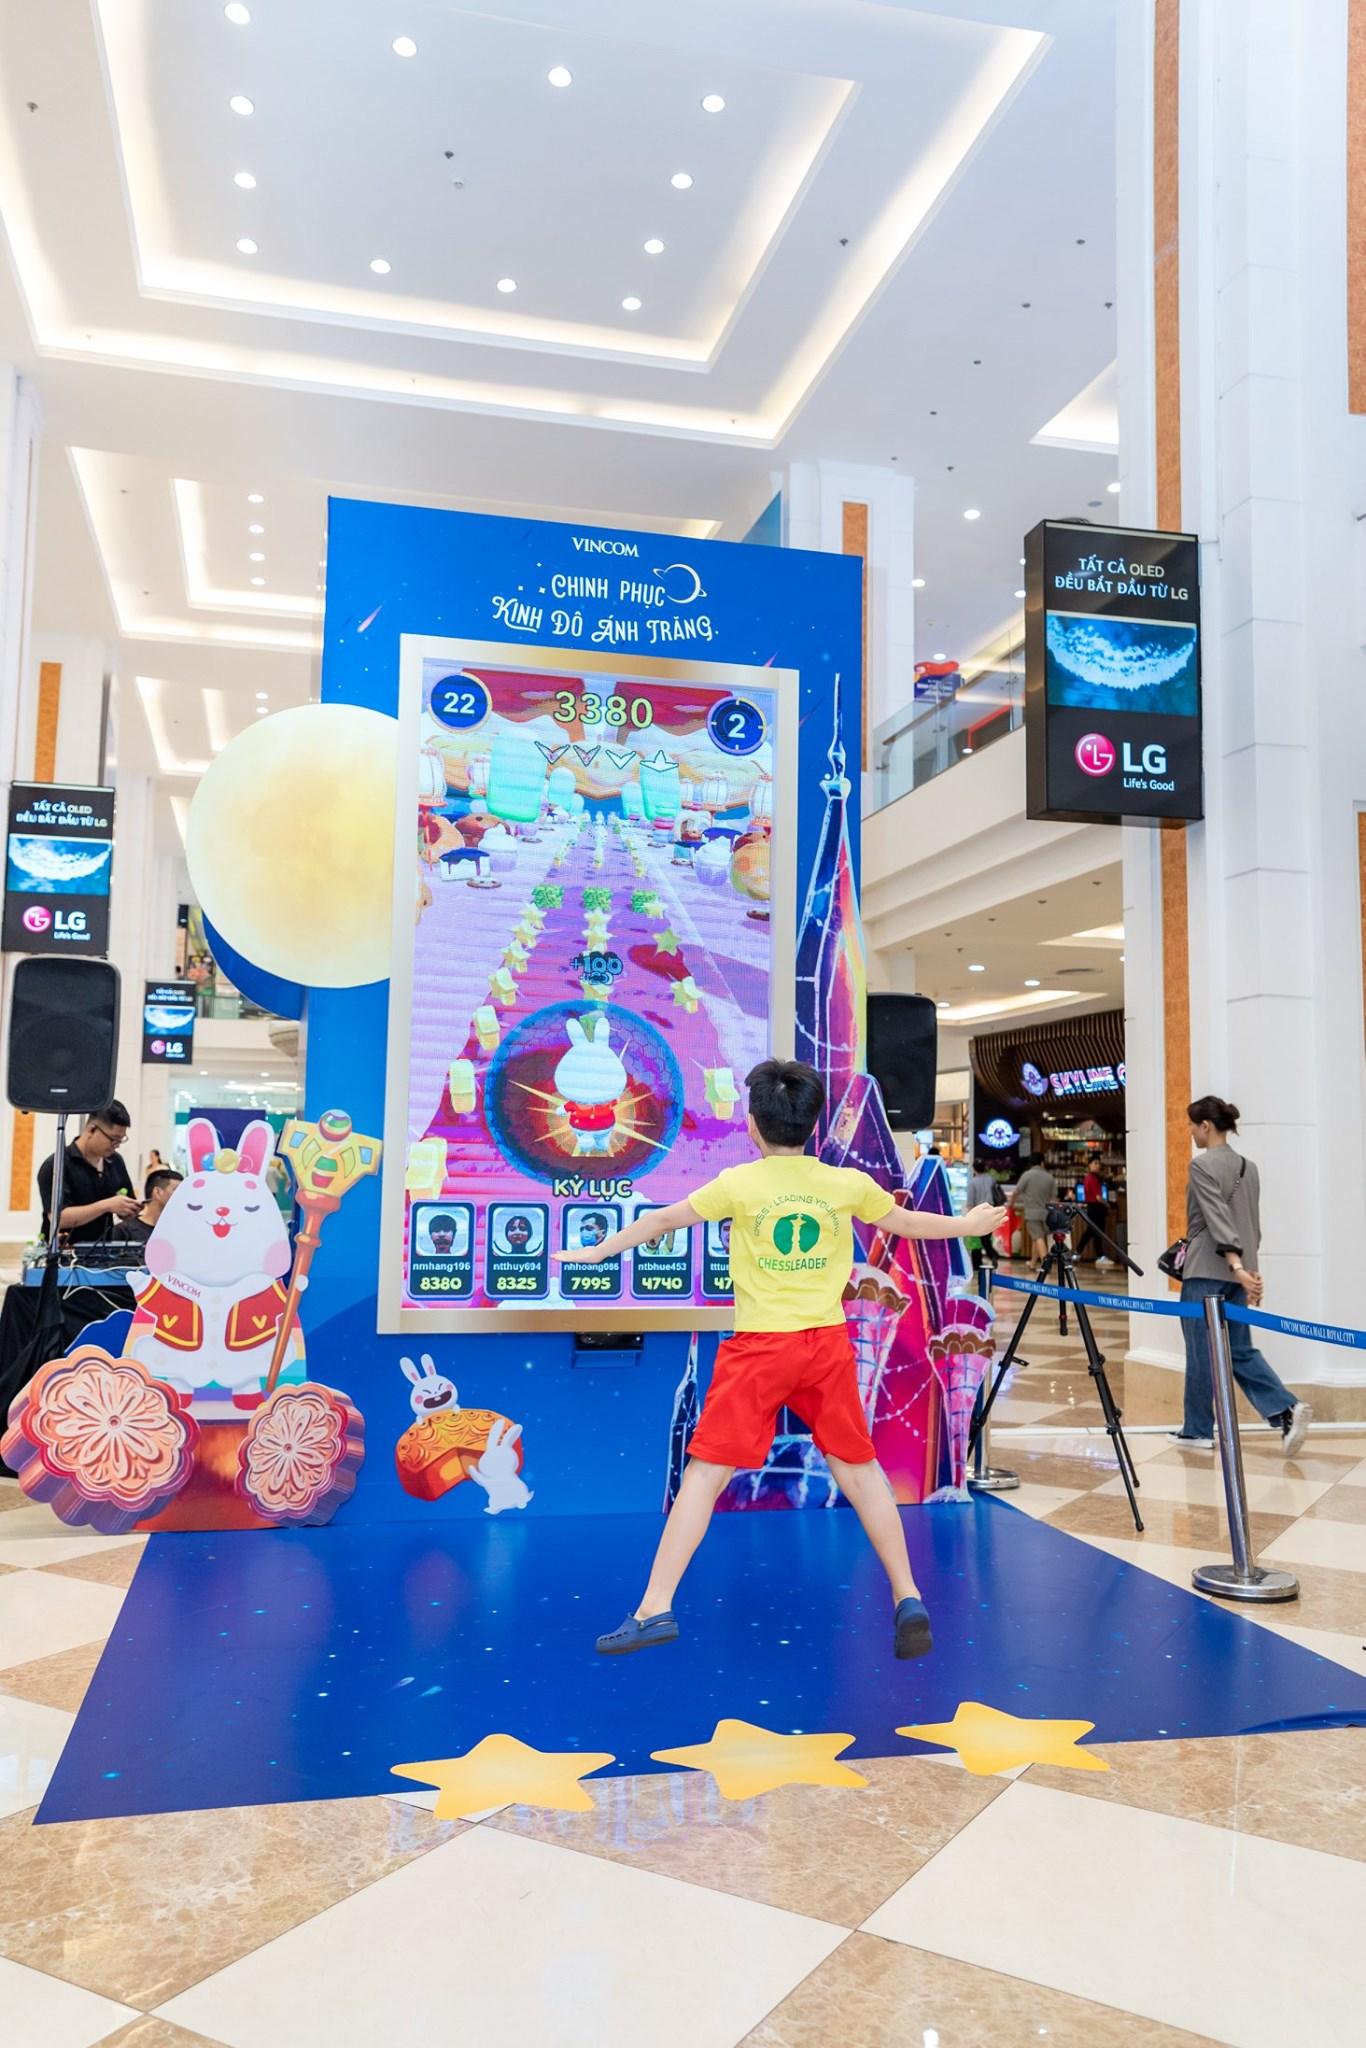 5 trung tâm thương mại với ưu đãi lớn cùng chương trình đặc sắc cho bé nhân dịp Trung thu  - Ảnh 7.